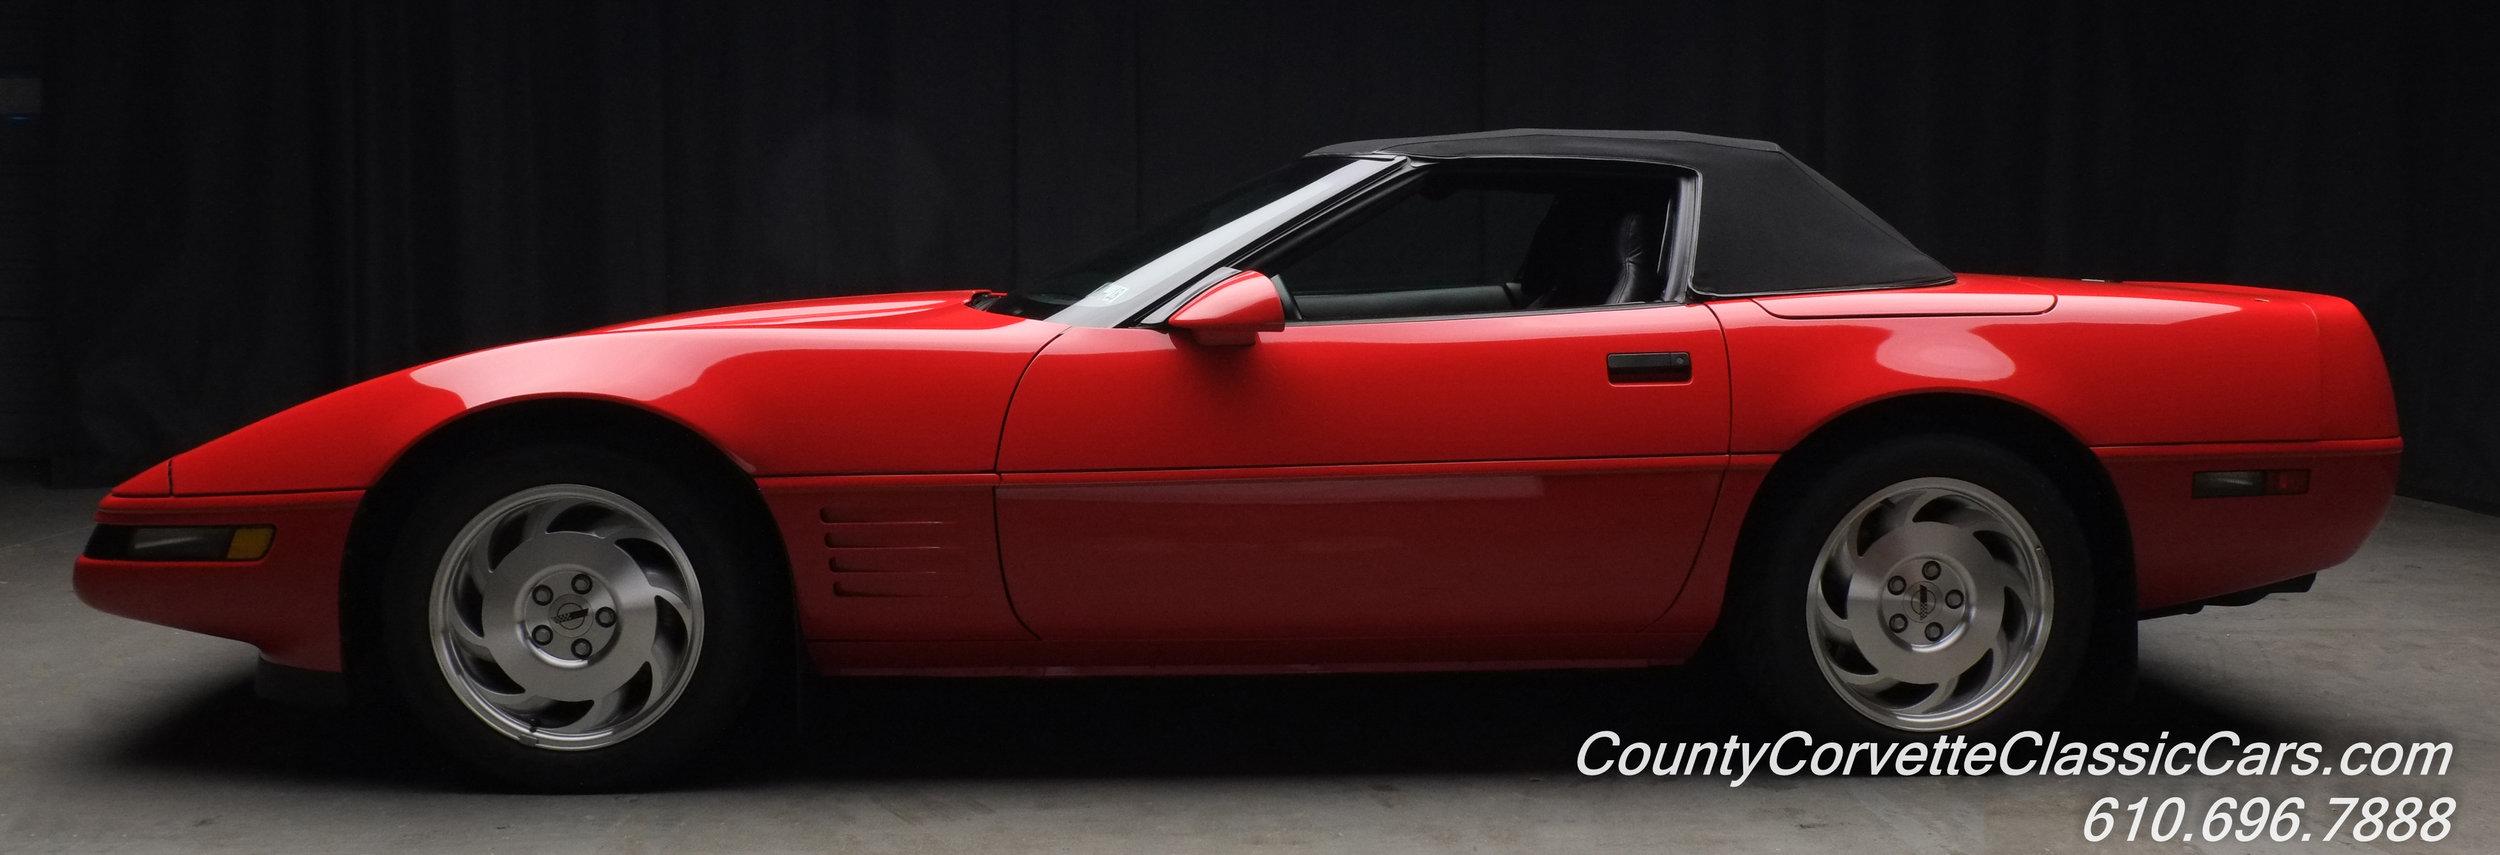 1994 Red Chevrolet Corvette